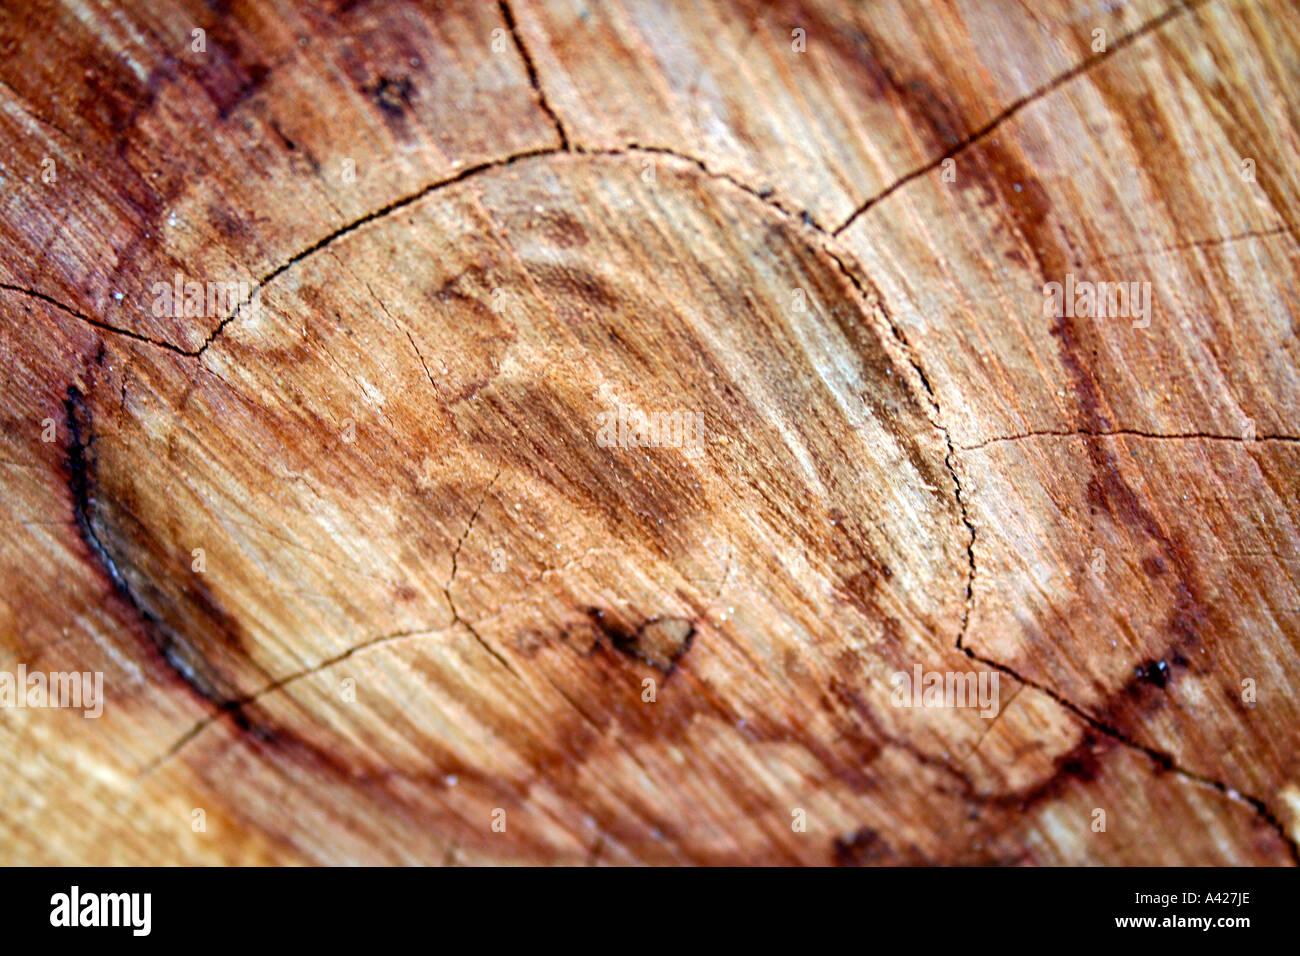 albero anelli di carbonio datazione Kasia Smutniak incontri